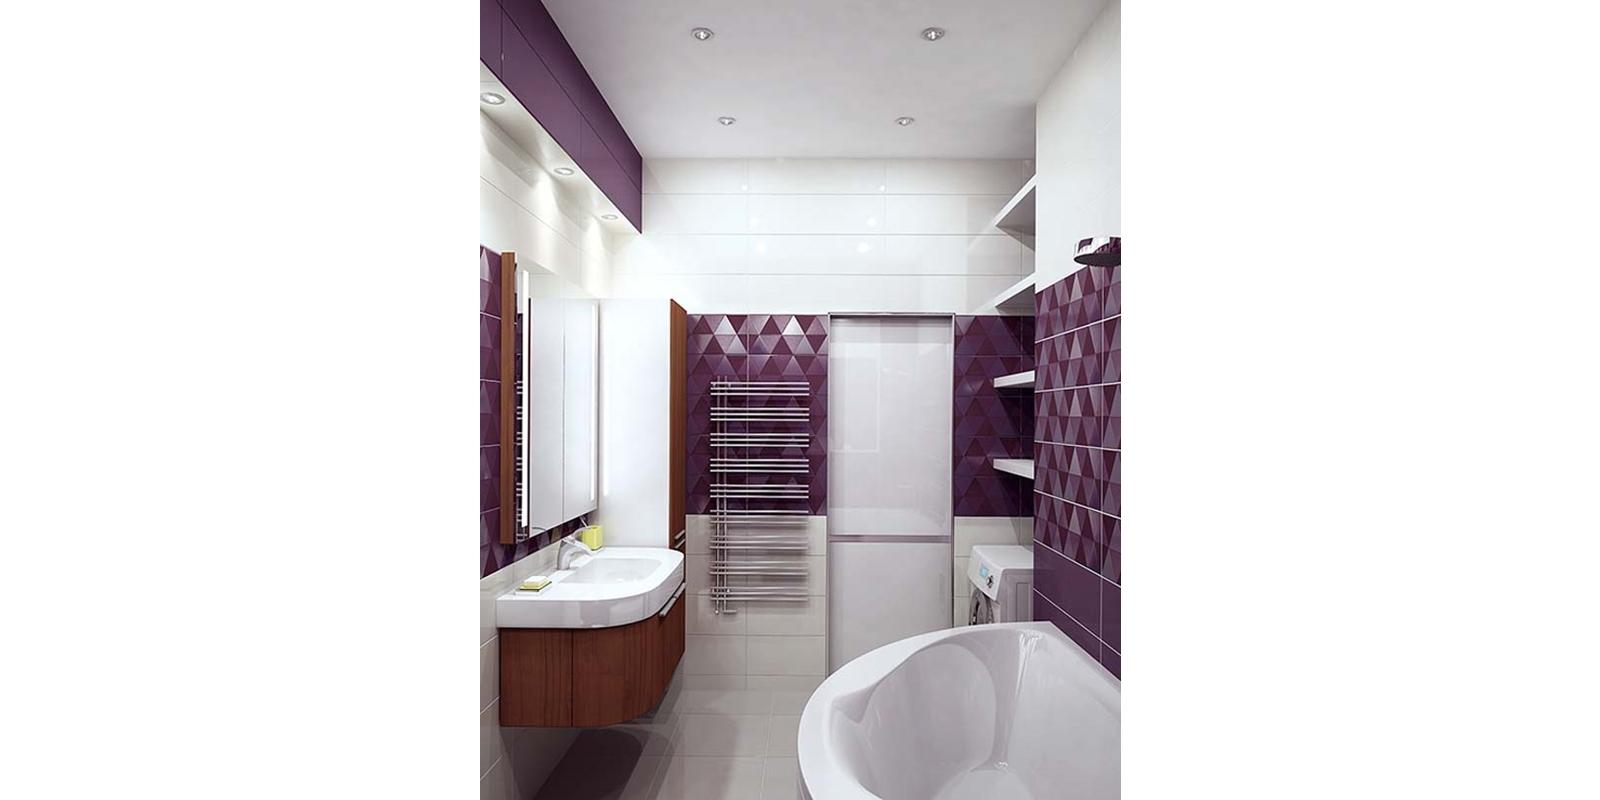 Mẹo thiết kế phòng tắm tuyệt đẹp